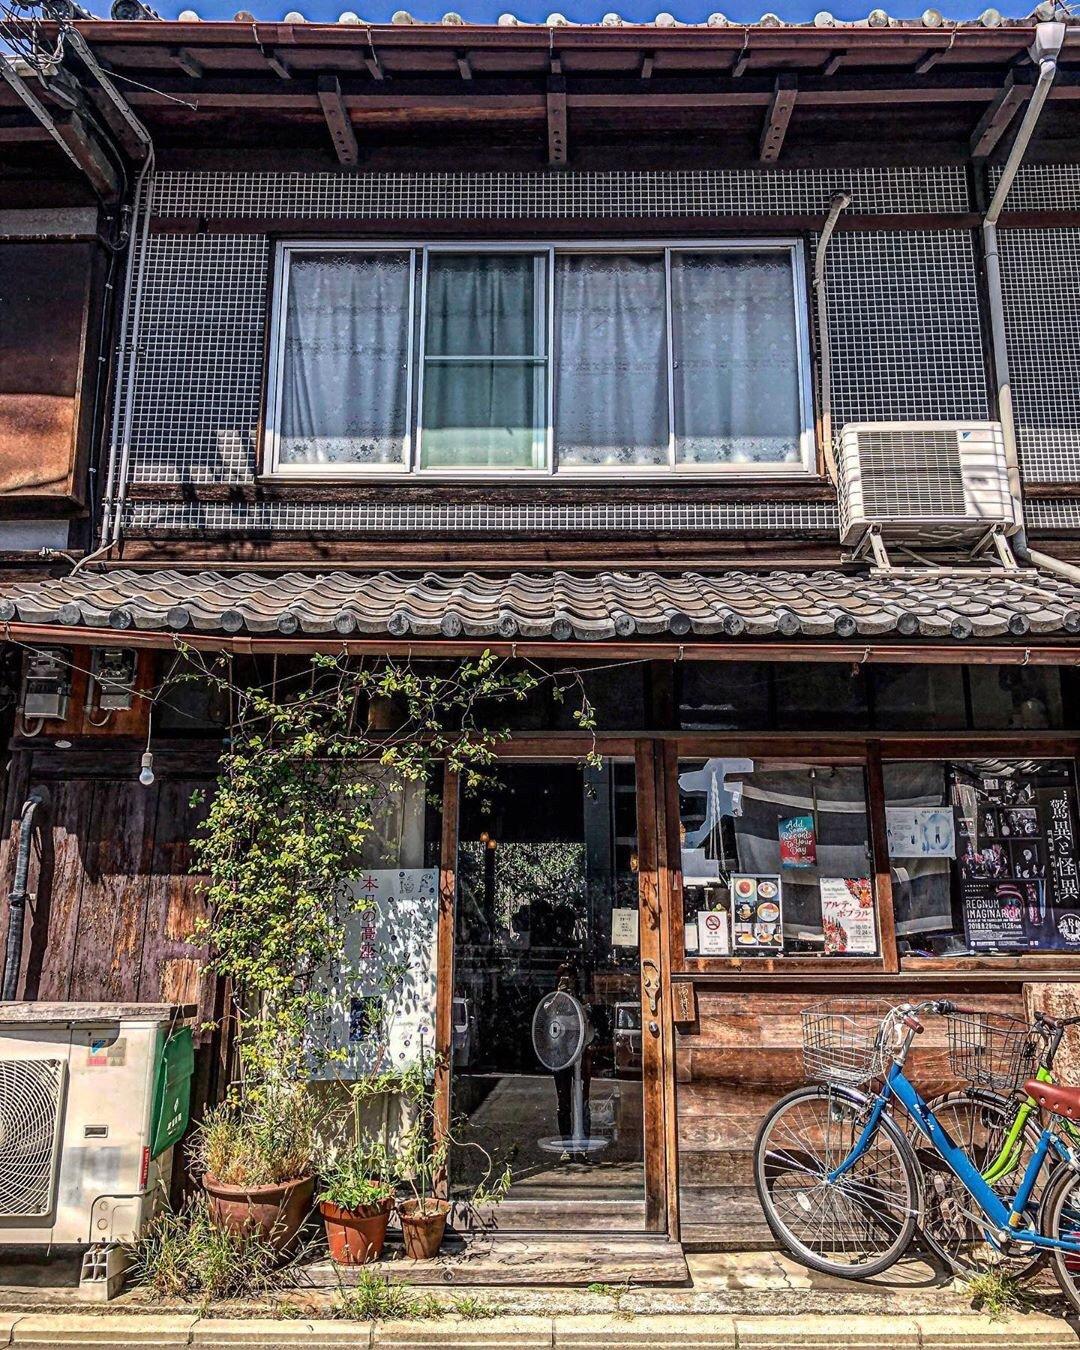 漫步京都街头,珍惜每一个平凡的日常ins:tomokotoamu